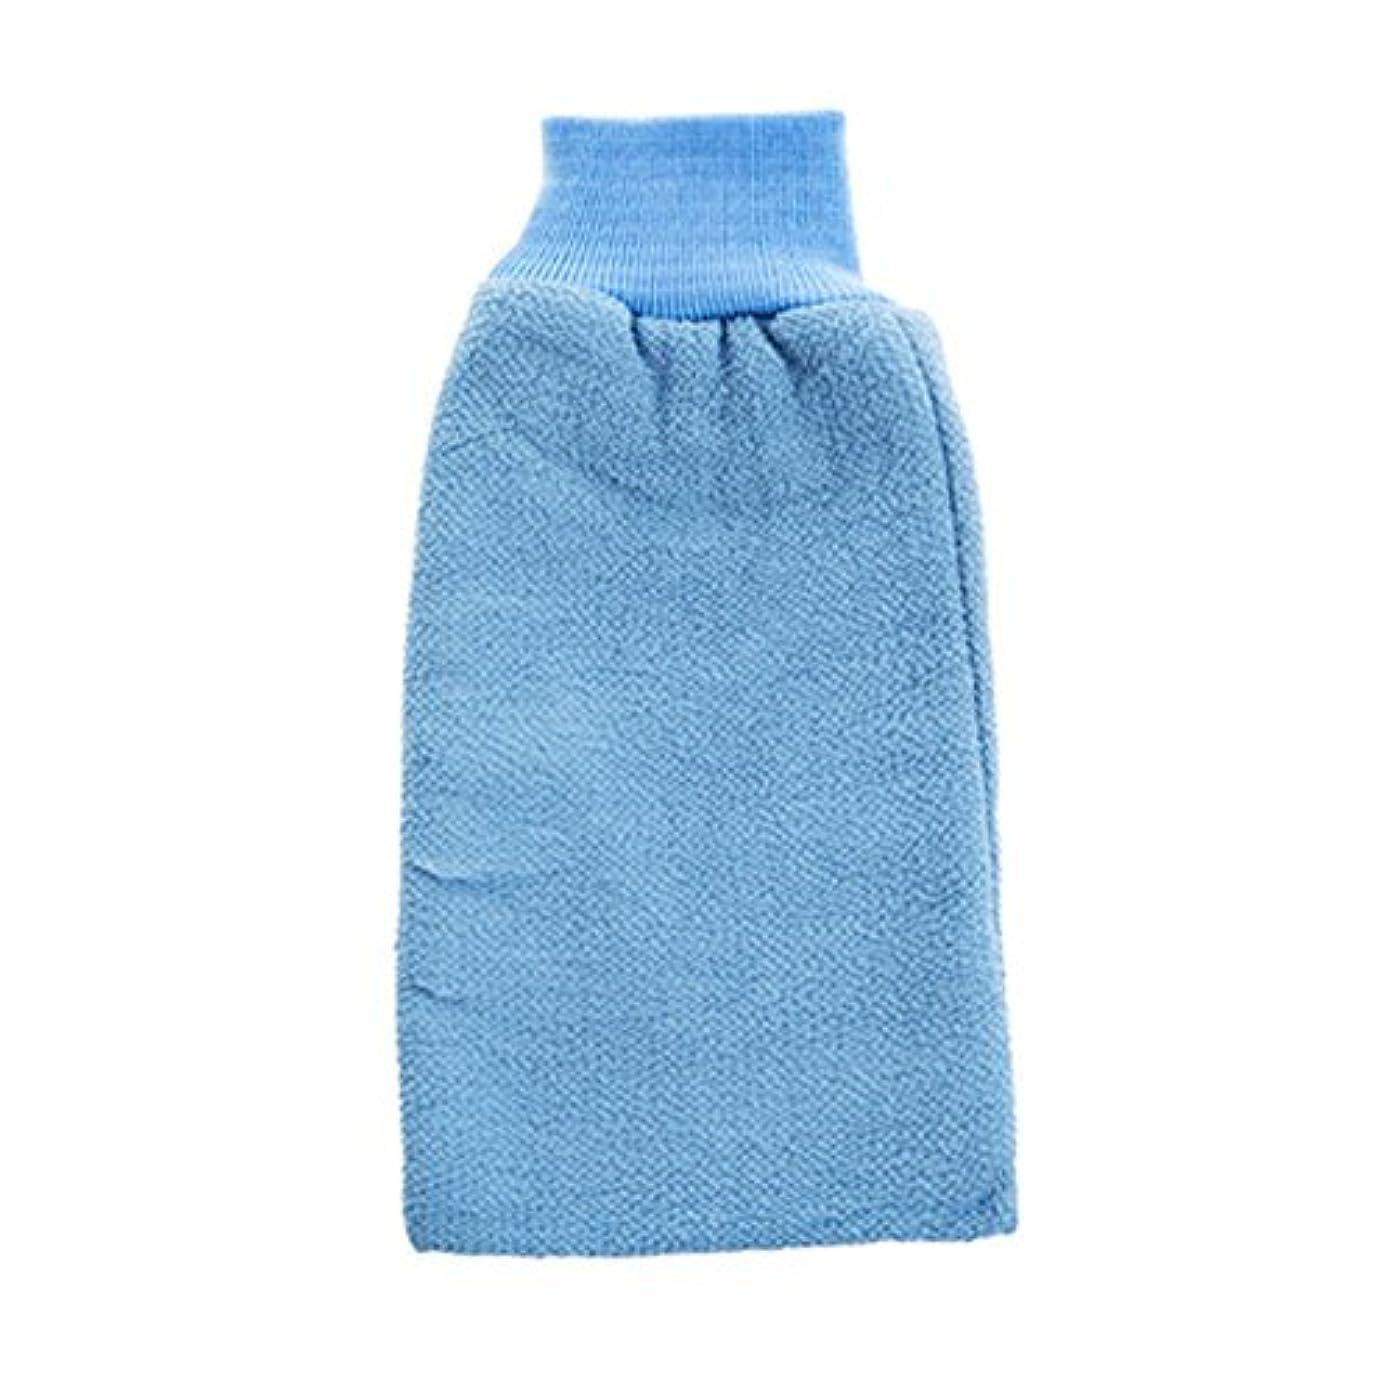 不正確抽象化汚染するボディエクスフォリエイティングミットバスブラシシャワーグローブバス手袋 - ブルー